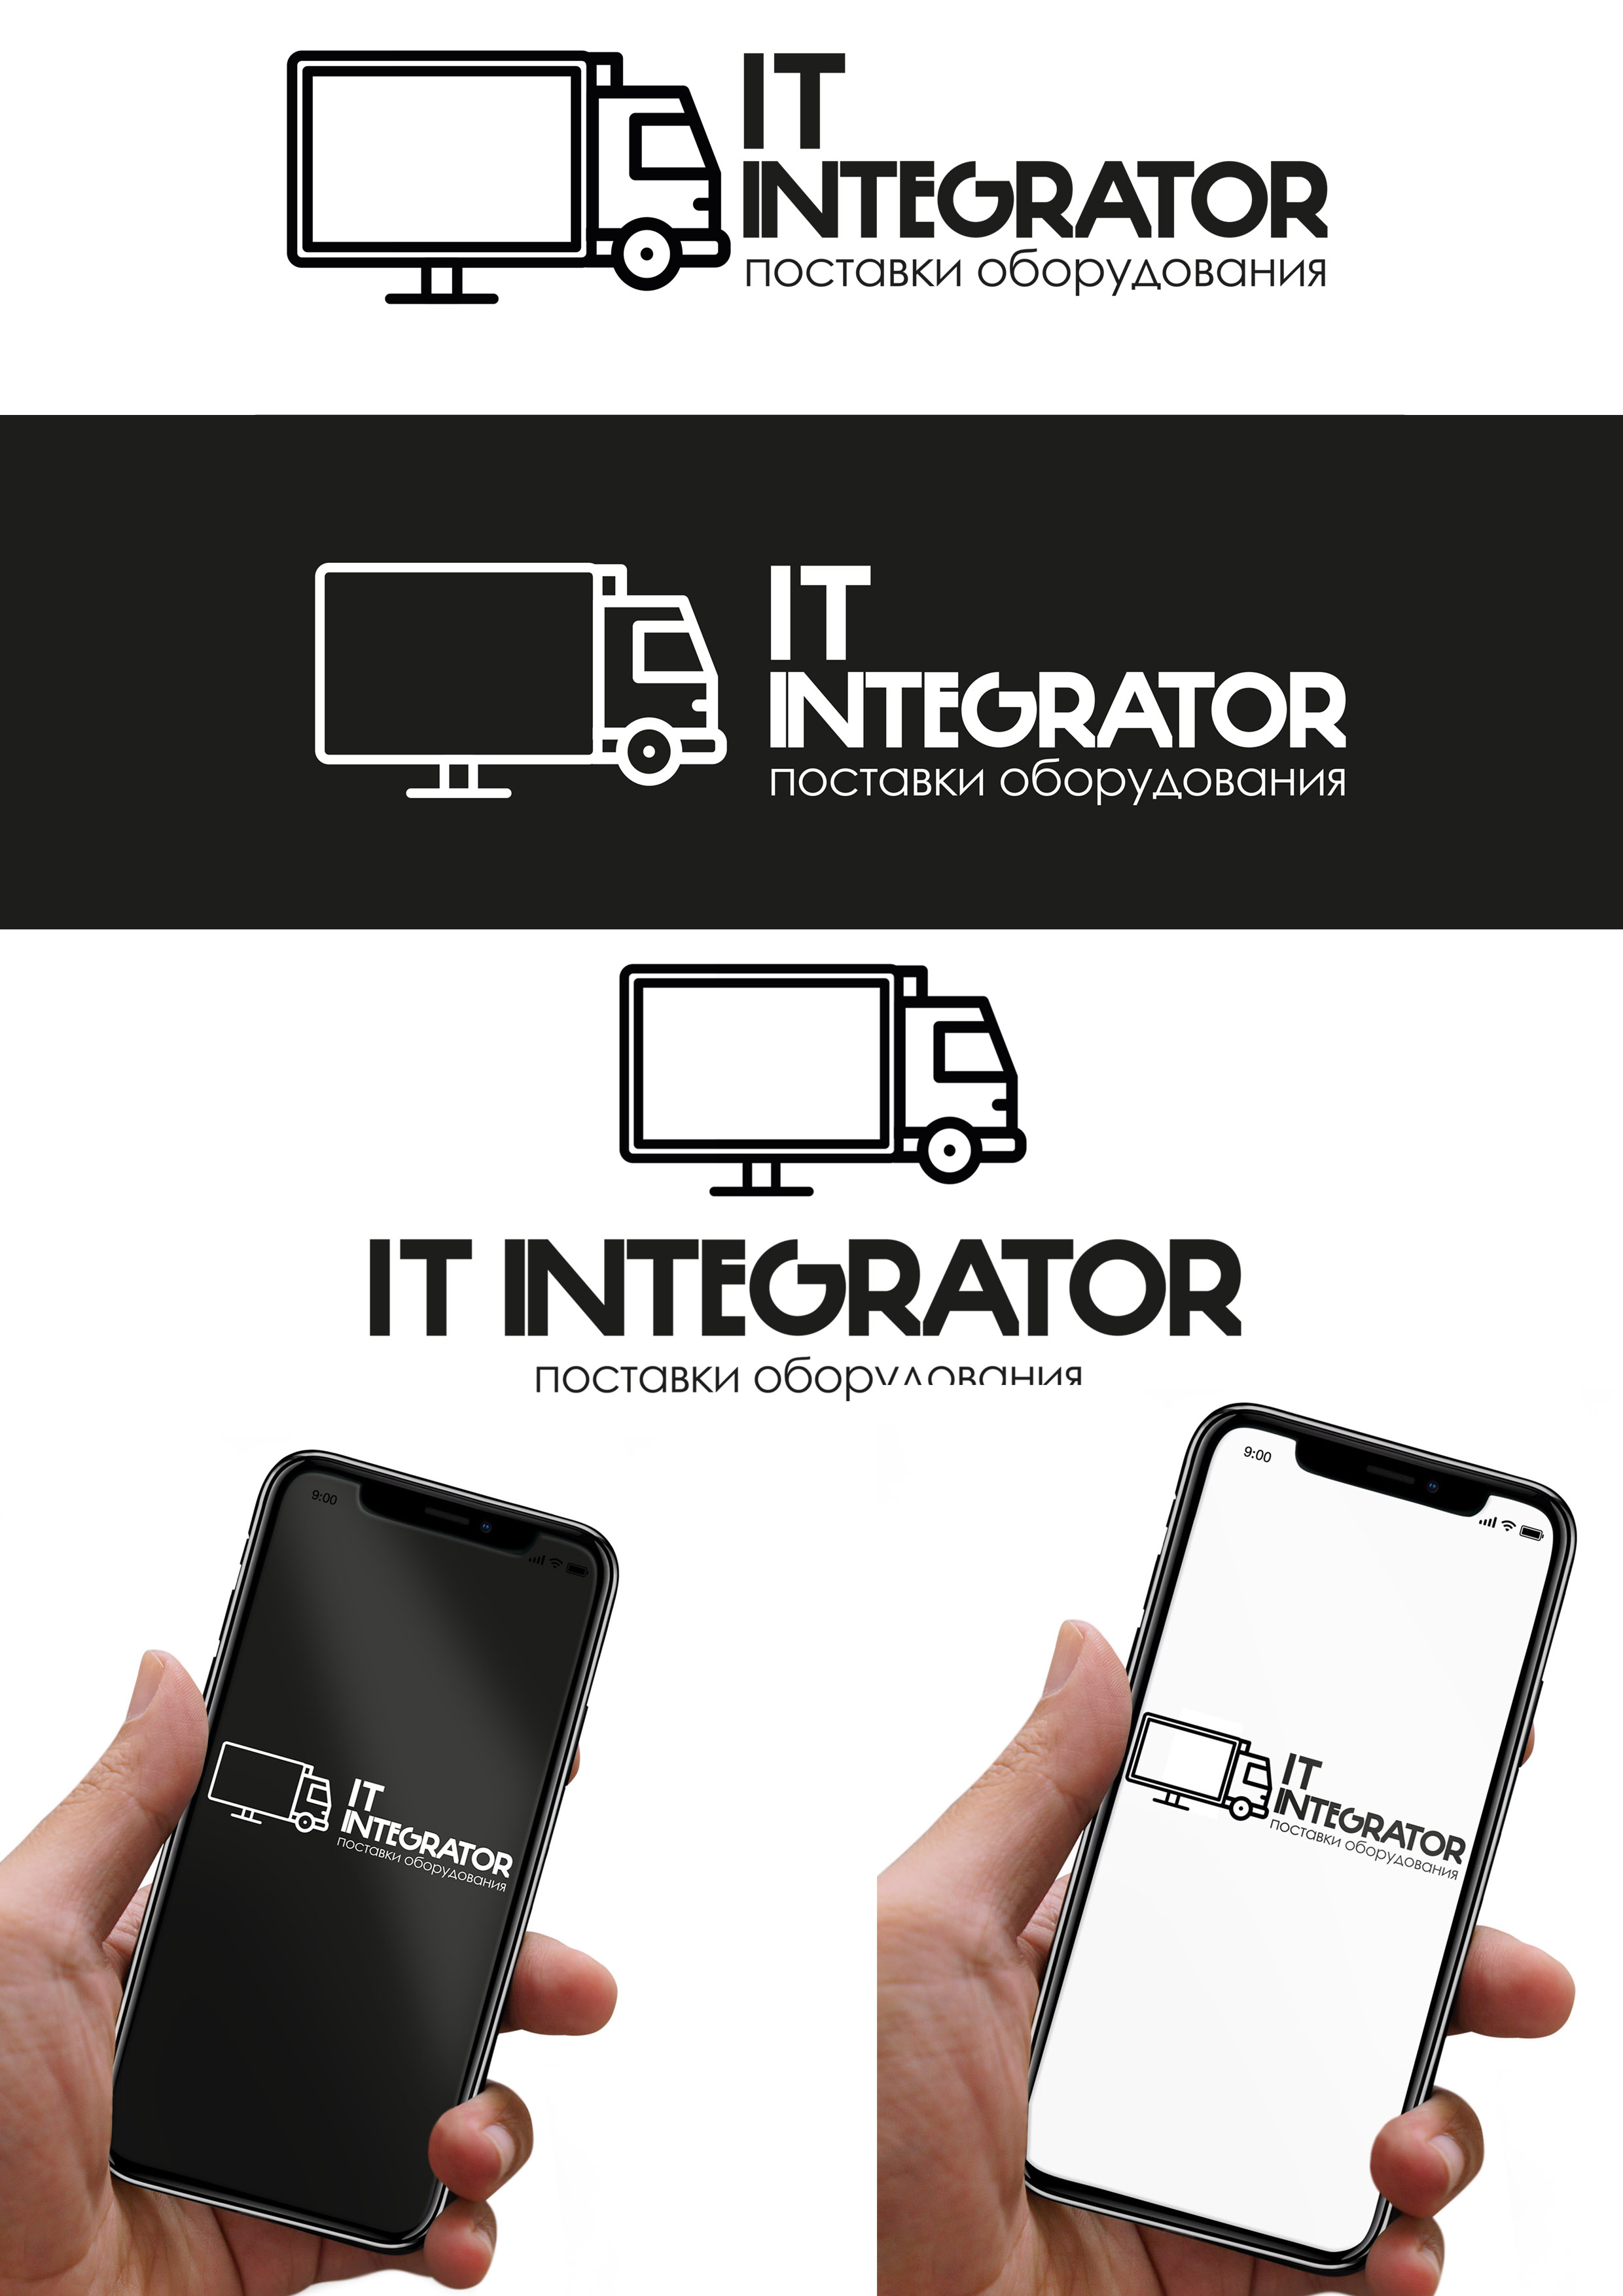 Логотип для IT интегратора фото f_556614b791794b79.jpg